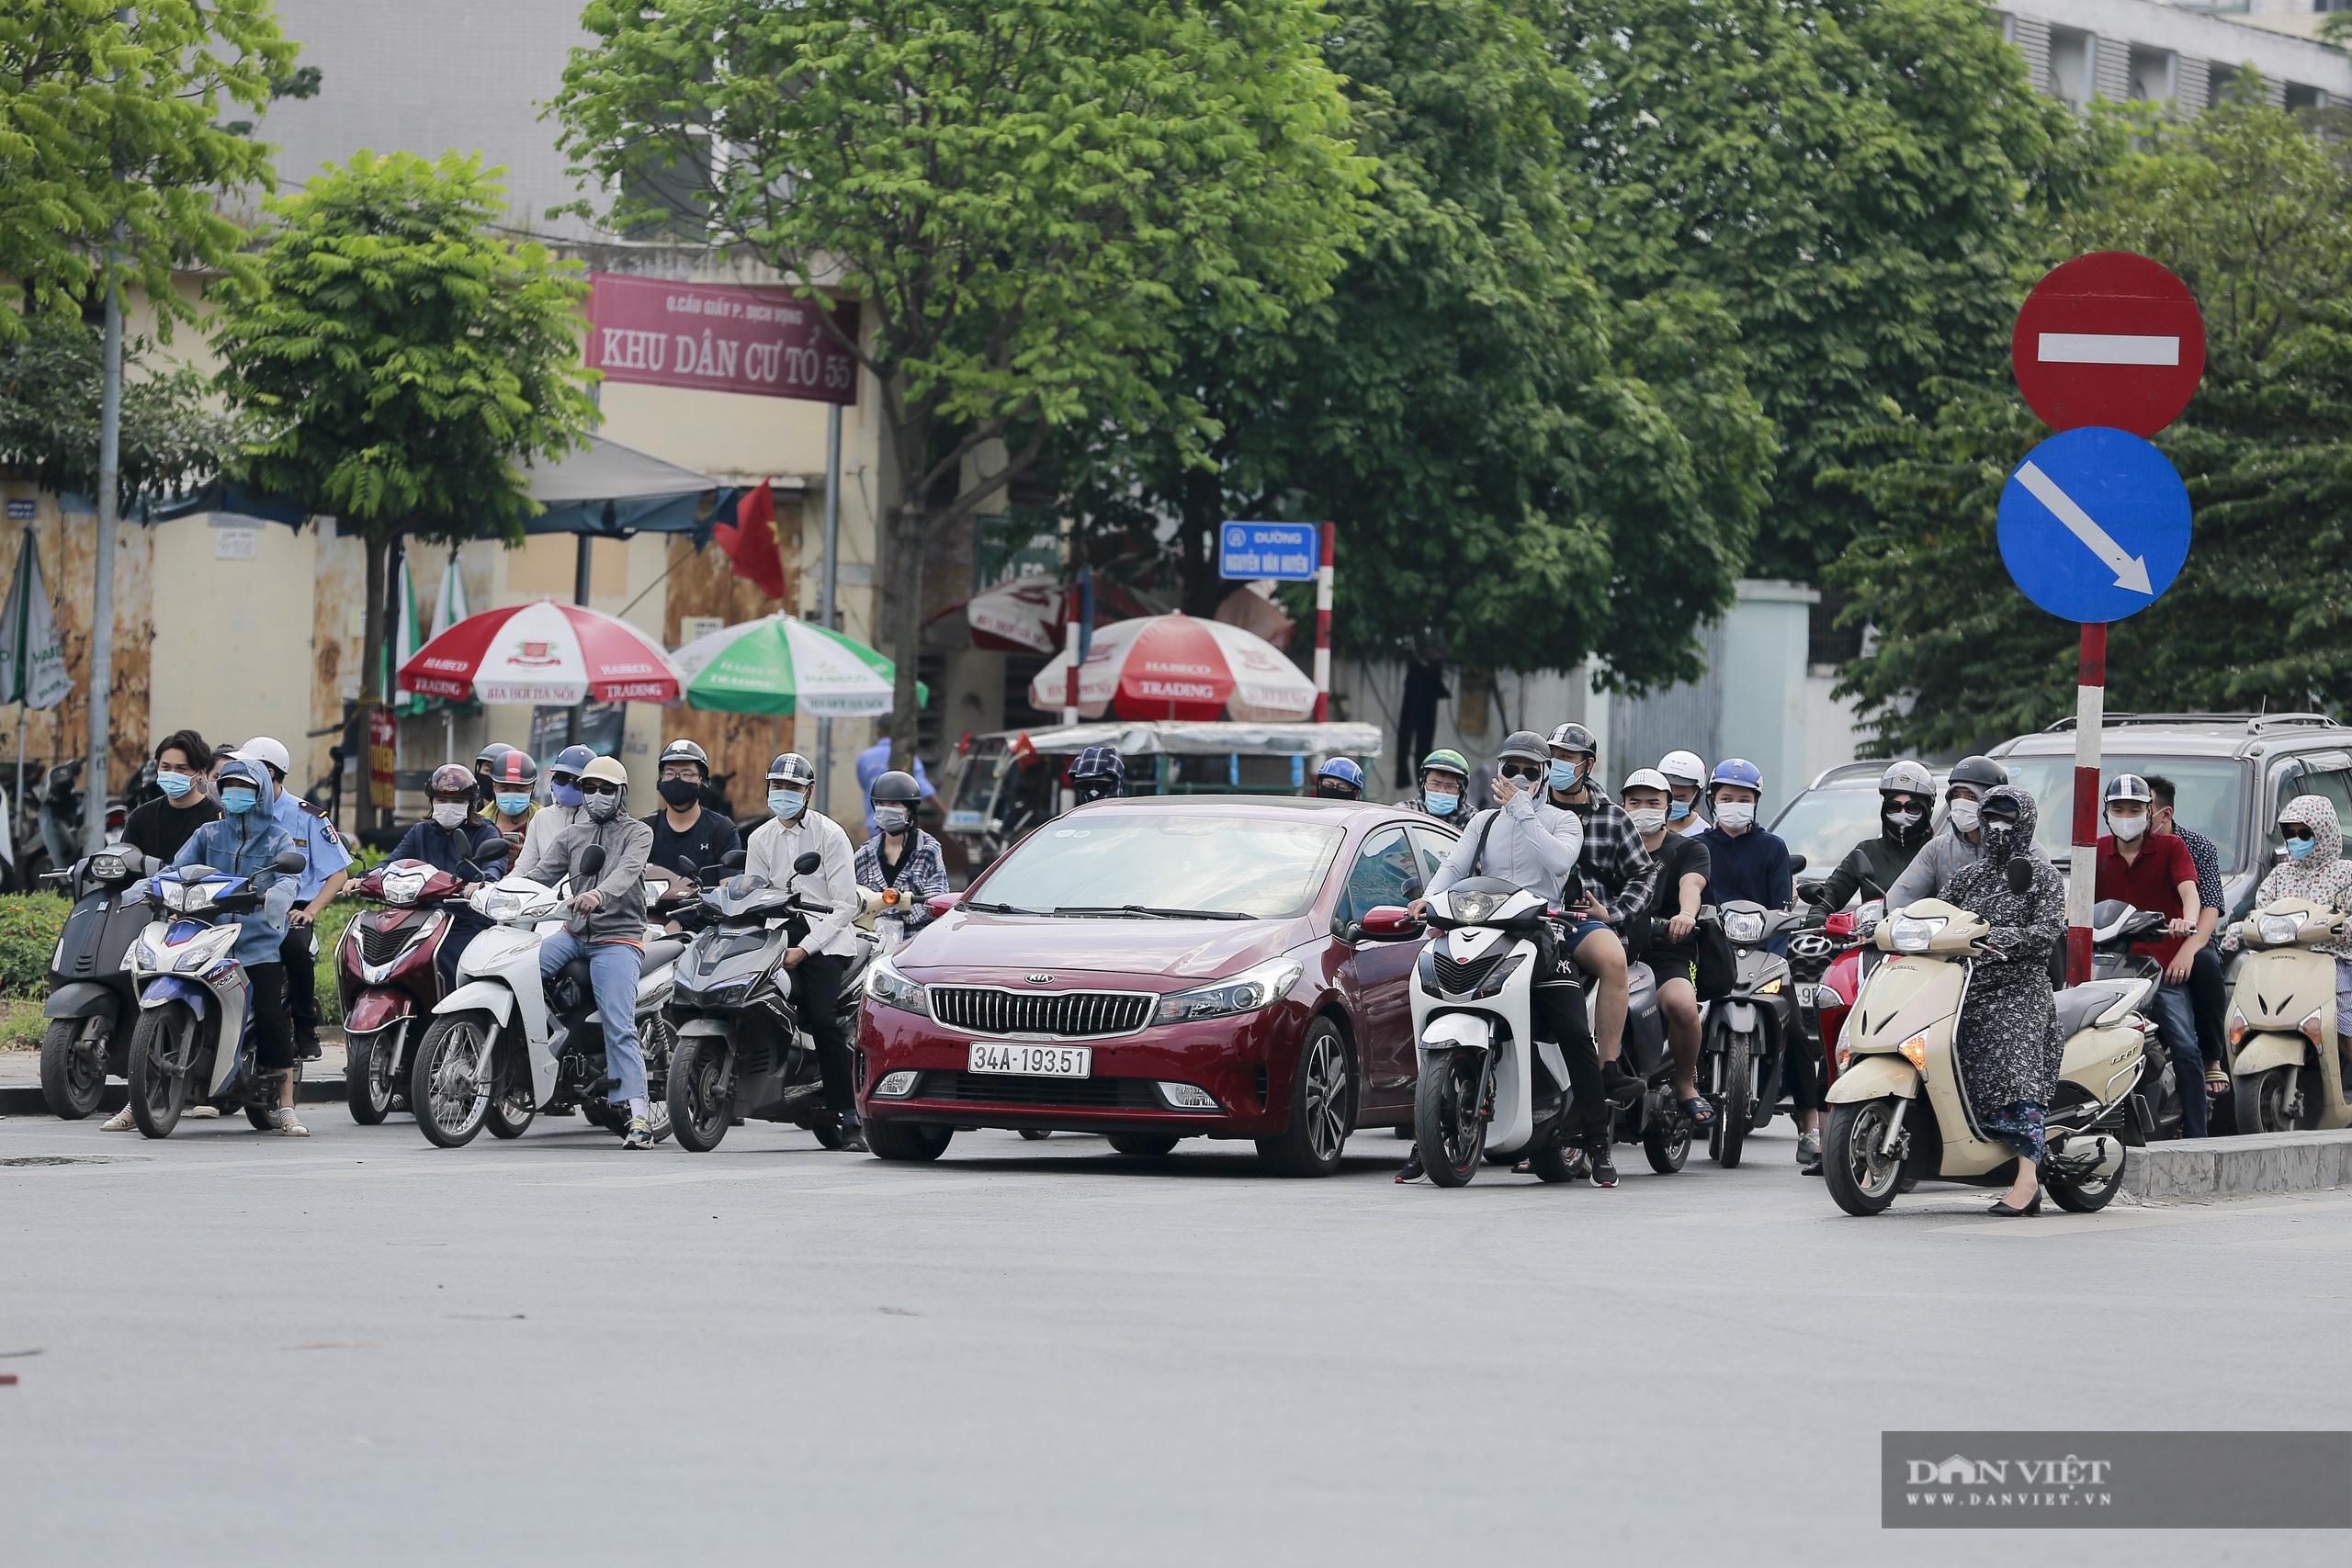 Hà Nội nắng nóng gần 40 độ C, phụ nữ lái ô tô với trang phục kín mít - Ảnh 1.